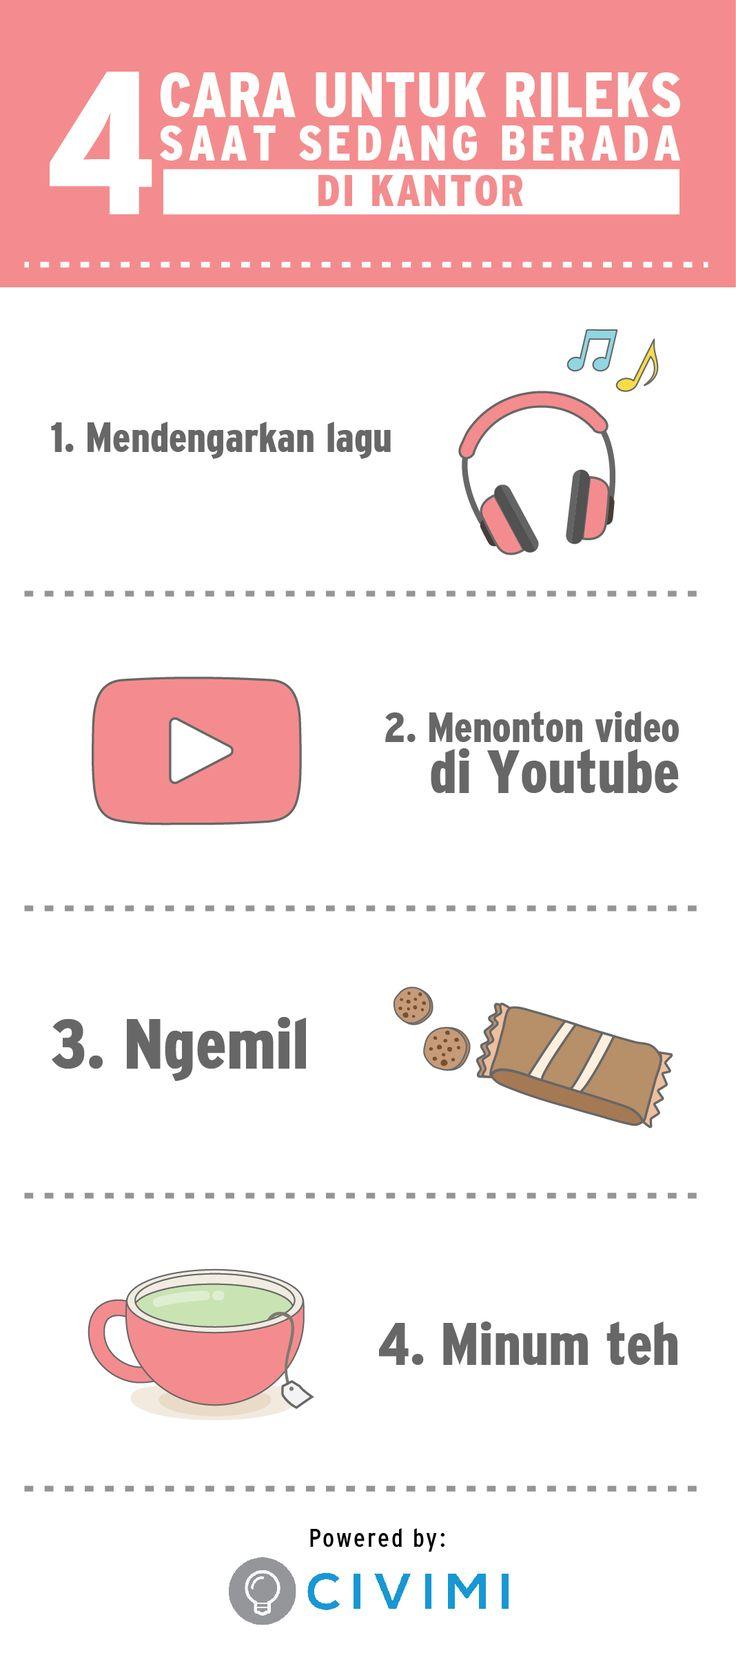 4 Cara untuk Rileks Saat Berada di Kantor (Infographic)